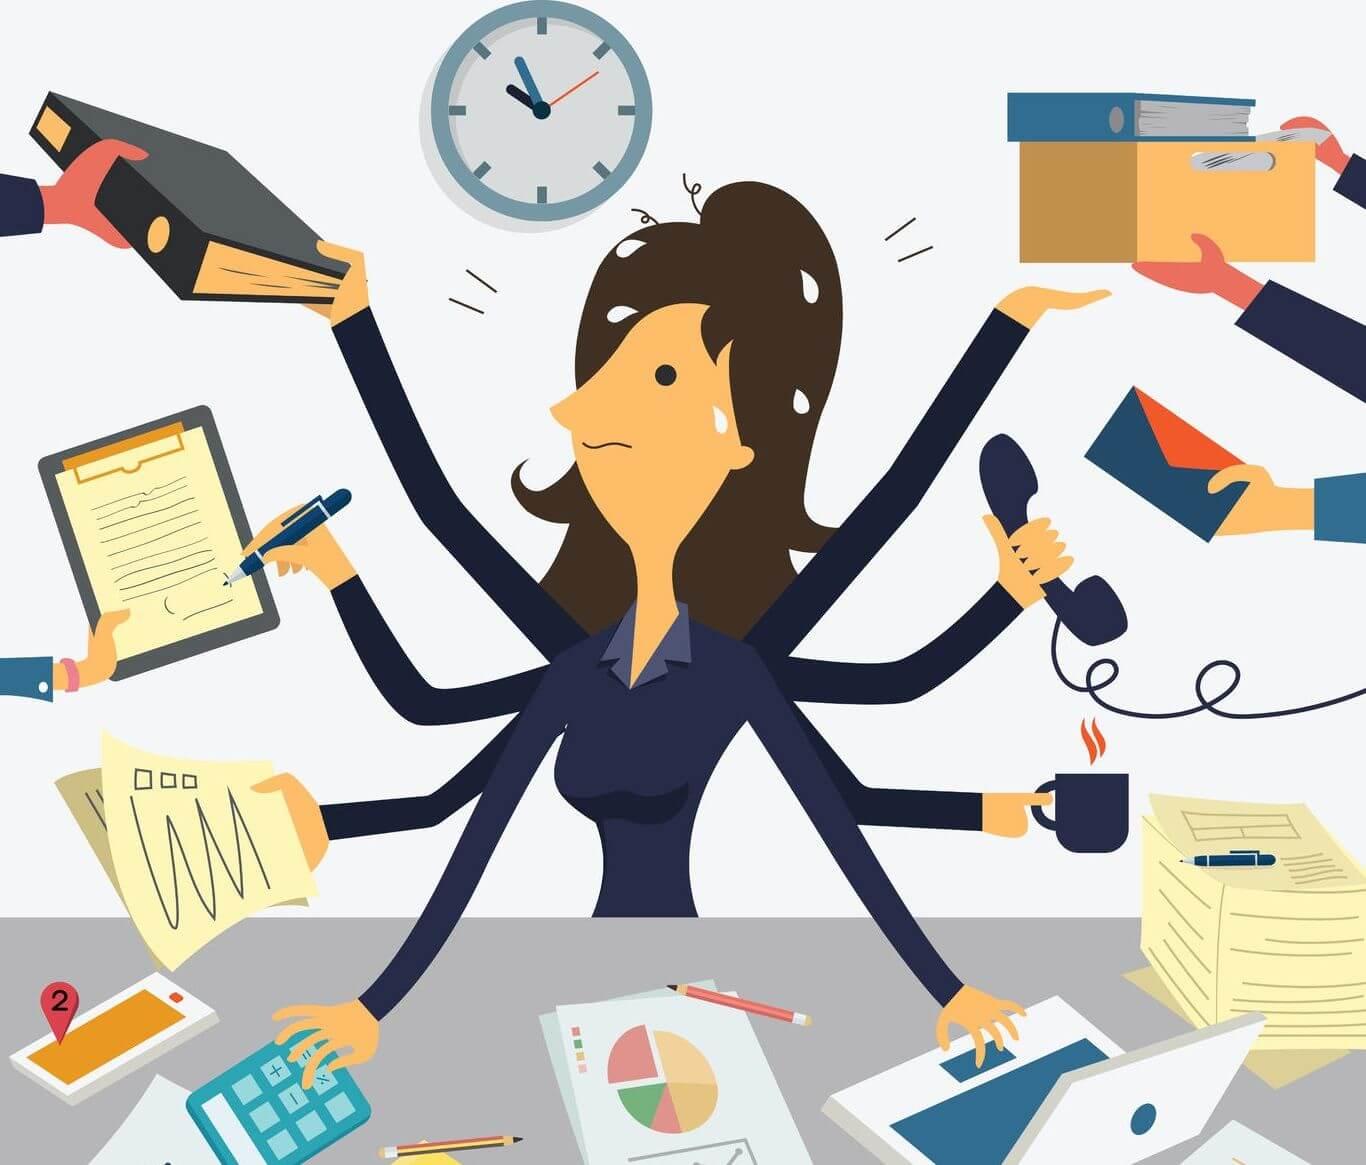 La multitarea reduce la efectividad